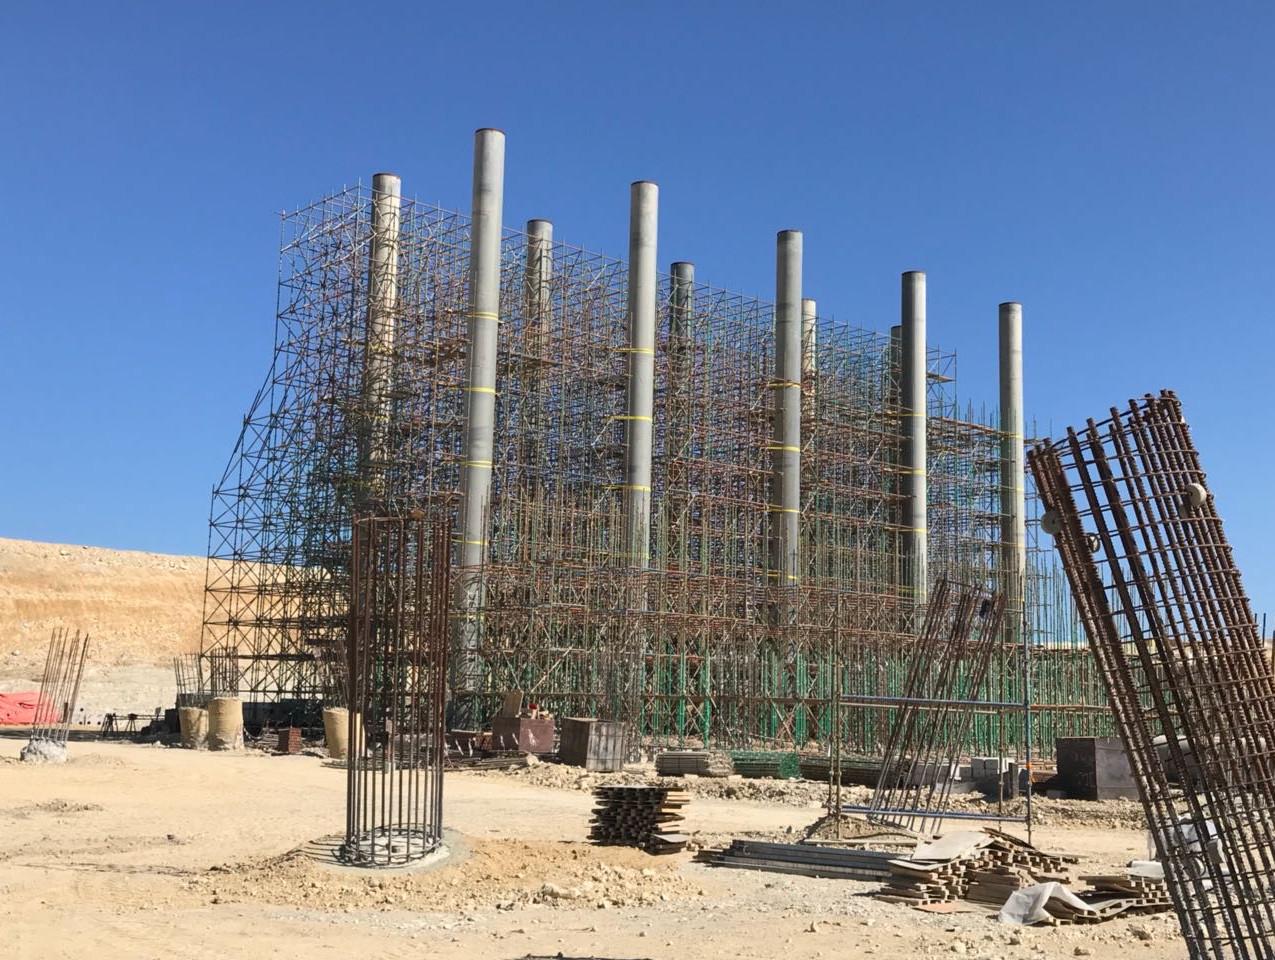 Duqm Oman Install March 2018 8